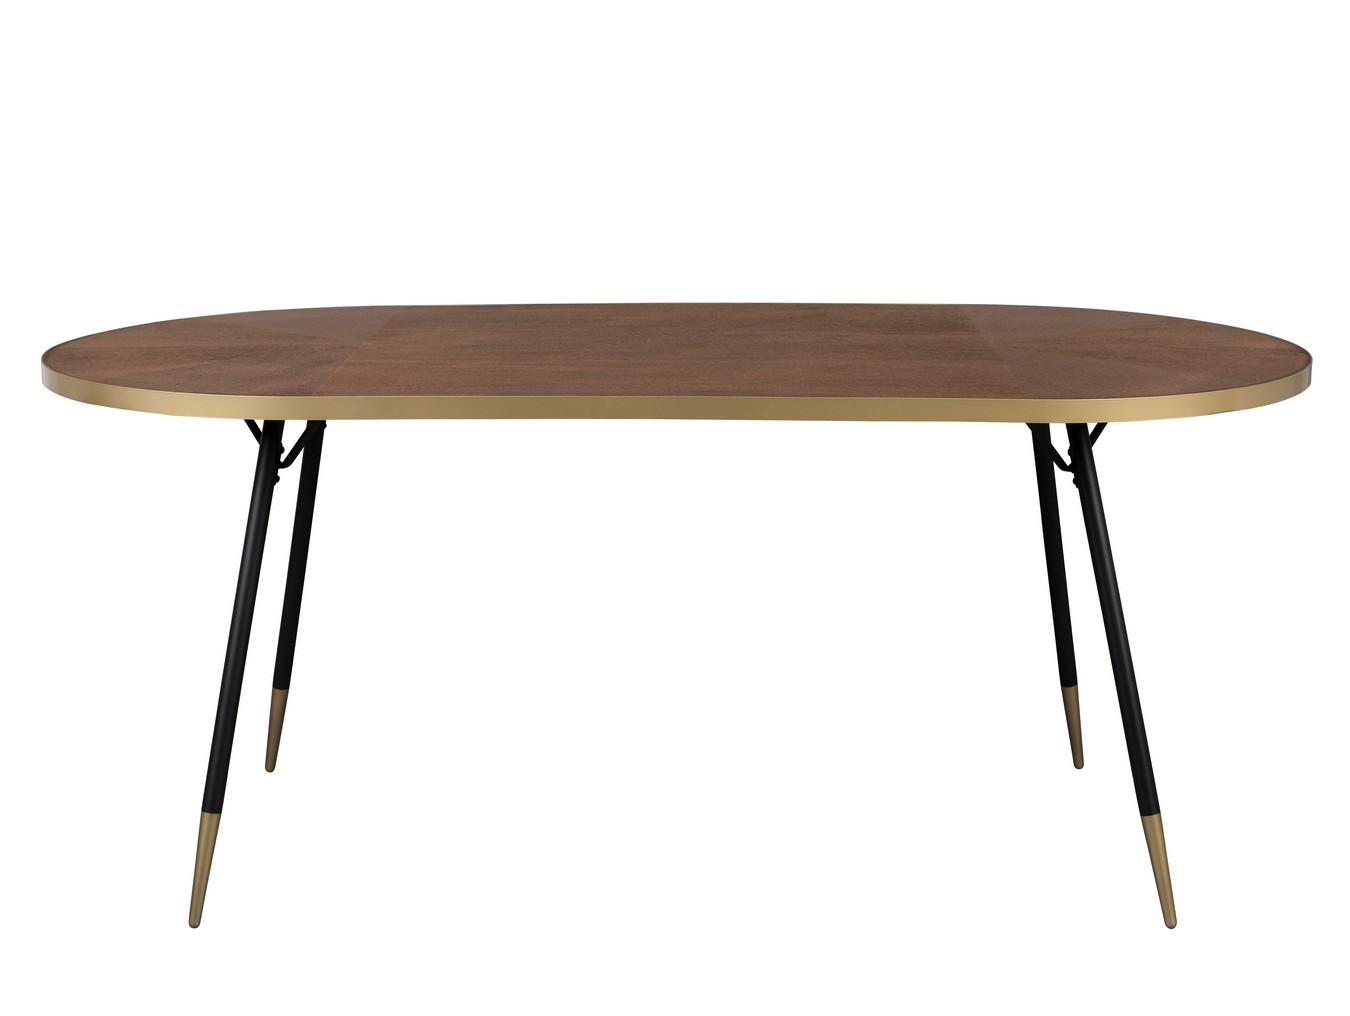 Table de repas ovale art déco L180